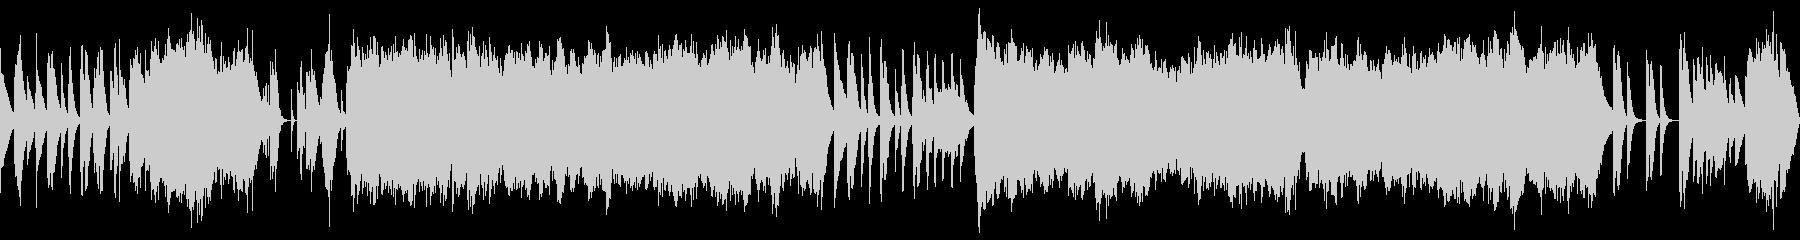 悲愴 第1楽章/ベートーベン・オルゴールの未再生の波形